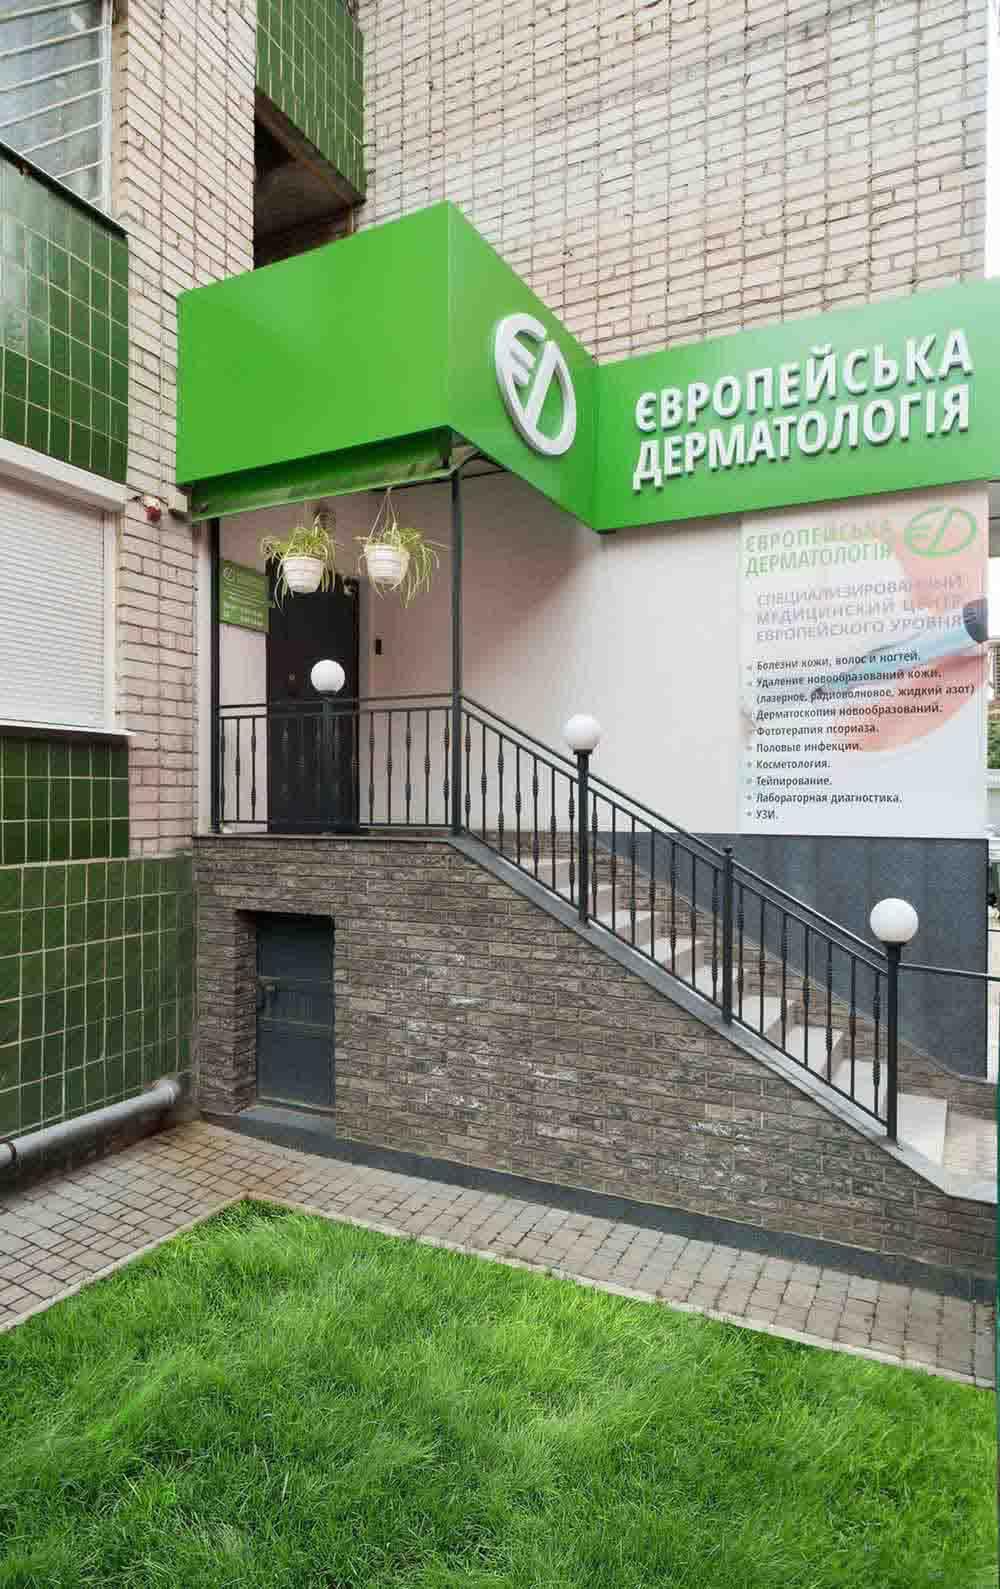 Медицинский центр Европейской дерматологии